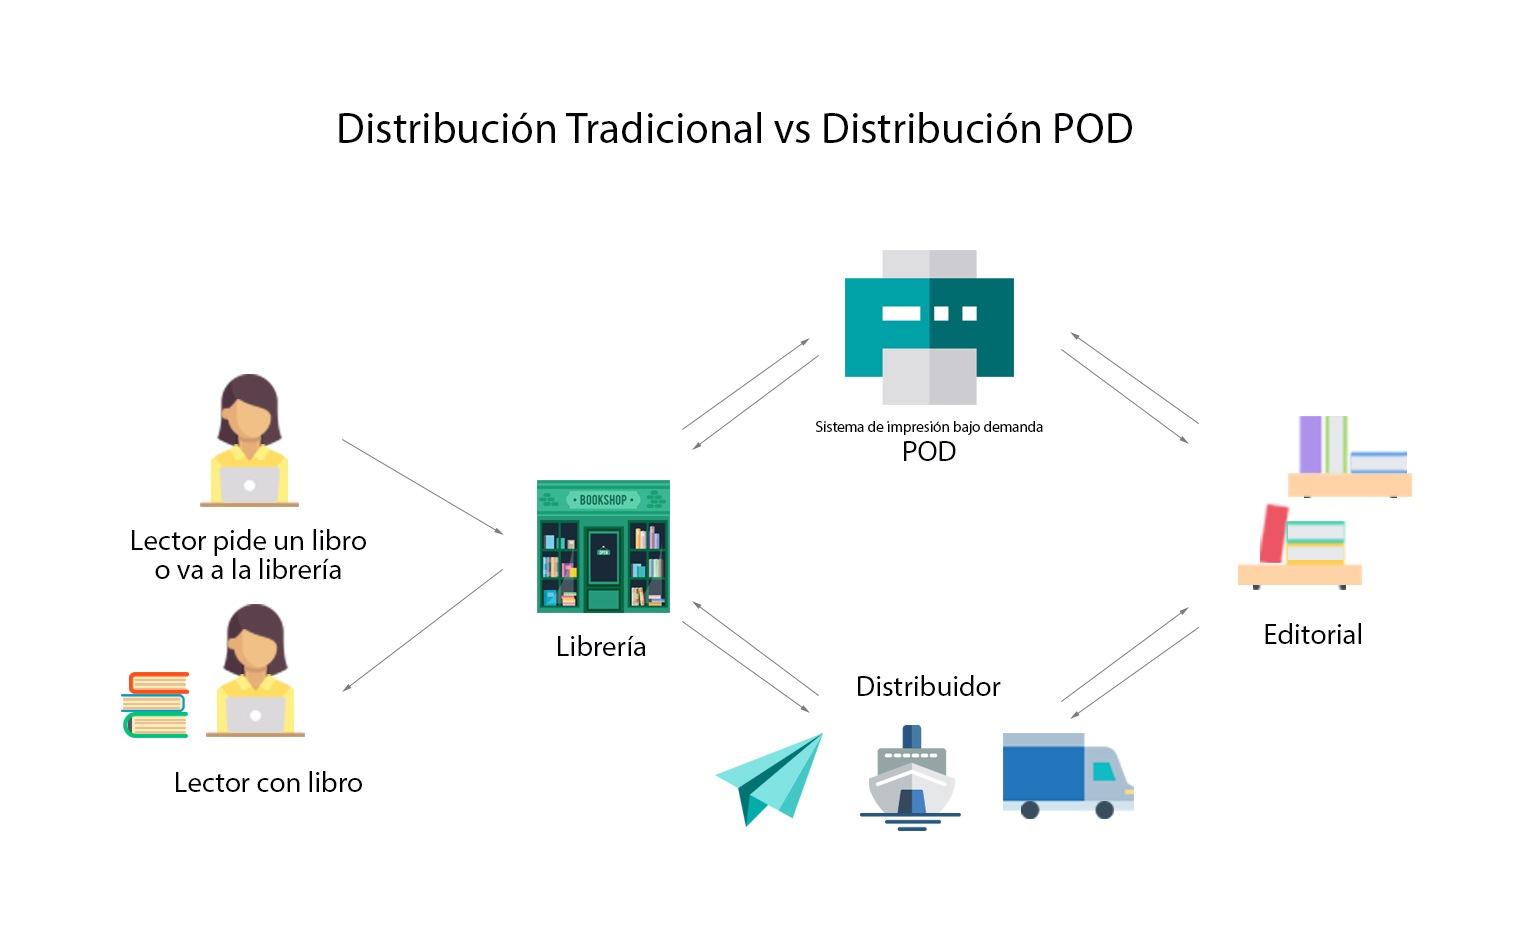 distribución tradicional vs pod